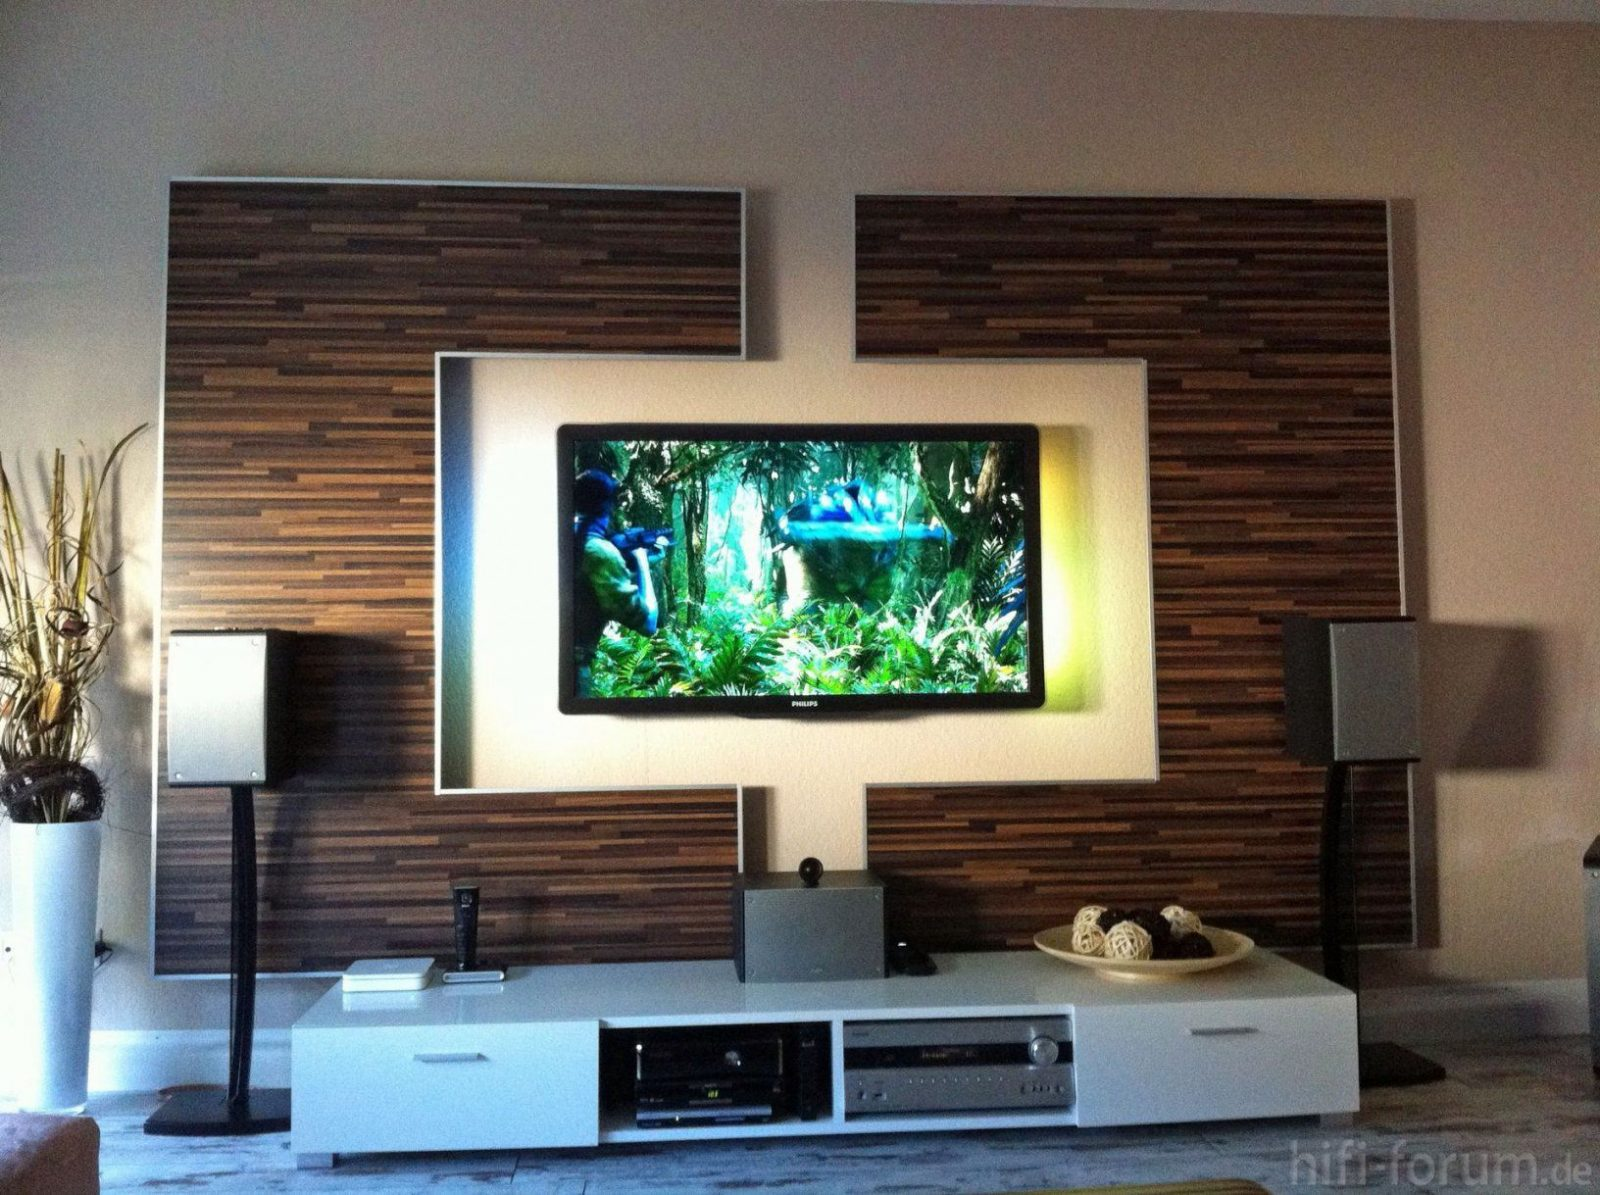 Wohnzimmer Tv Wand Selber Bauen  Wohnwand Front Doityourself Front von Tv Wand Selber Bauen Ideen Photo